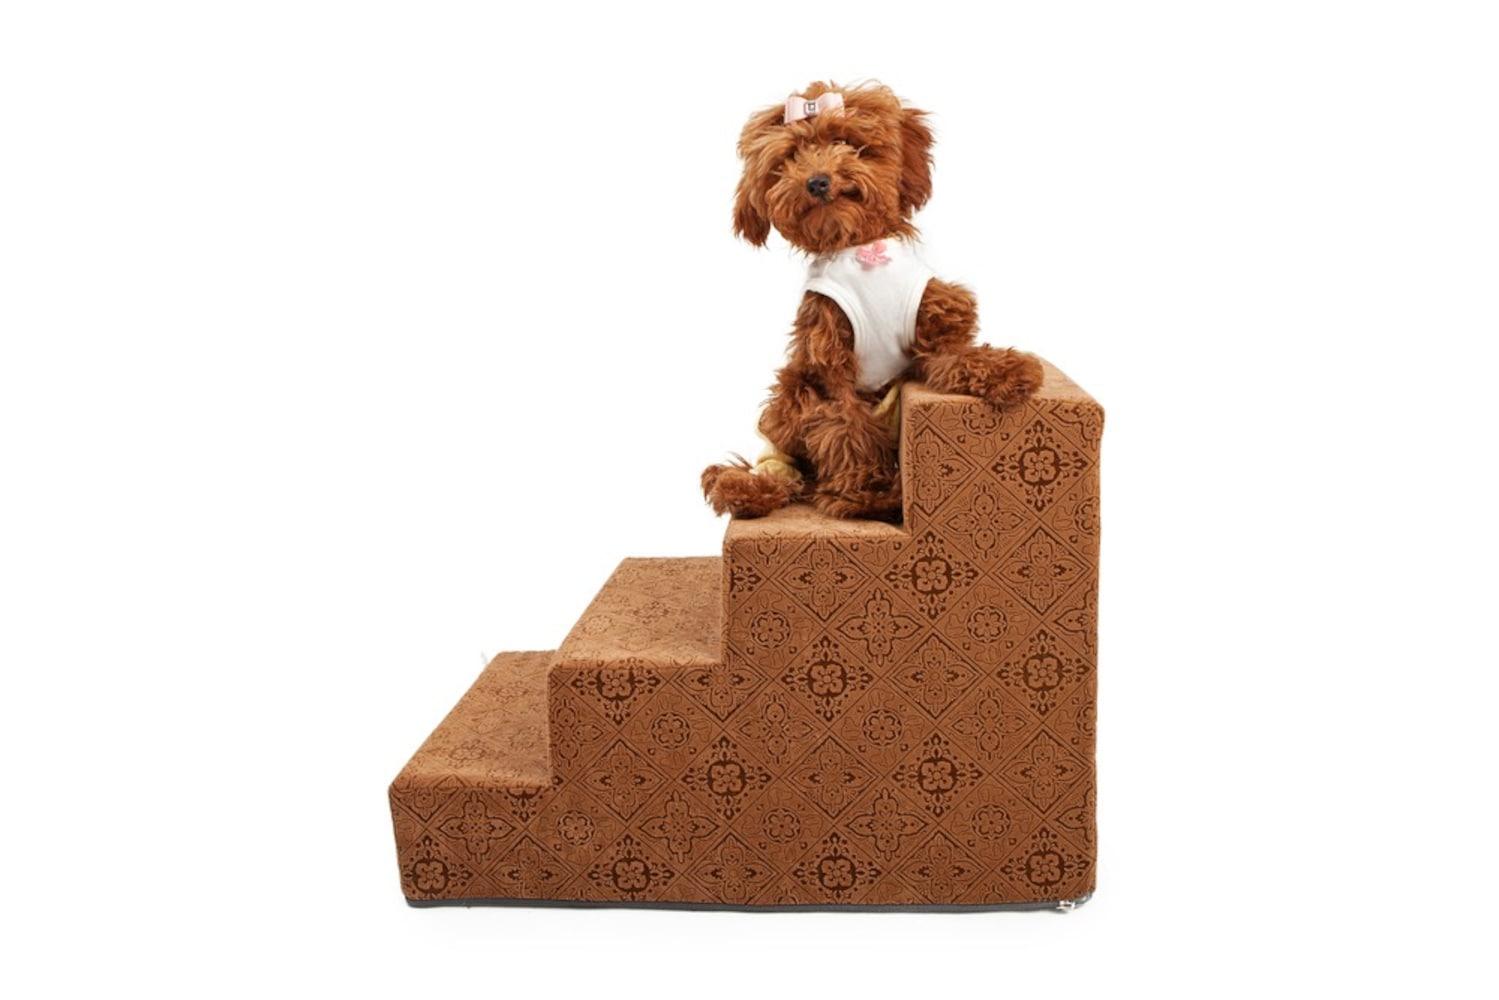 階段型のスロープをのぼる犬